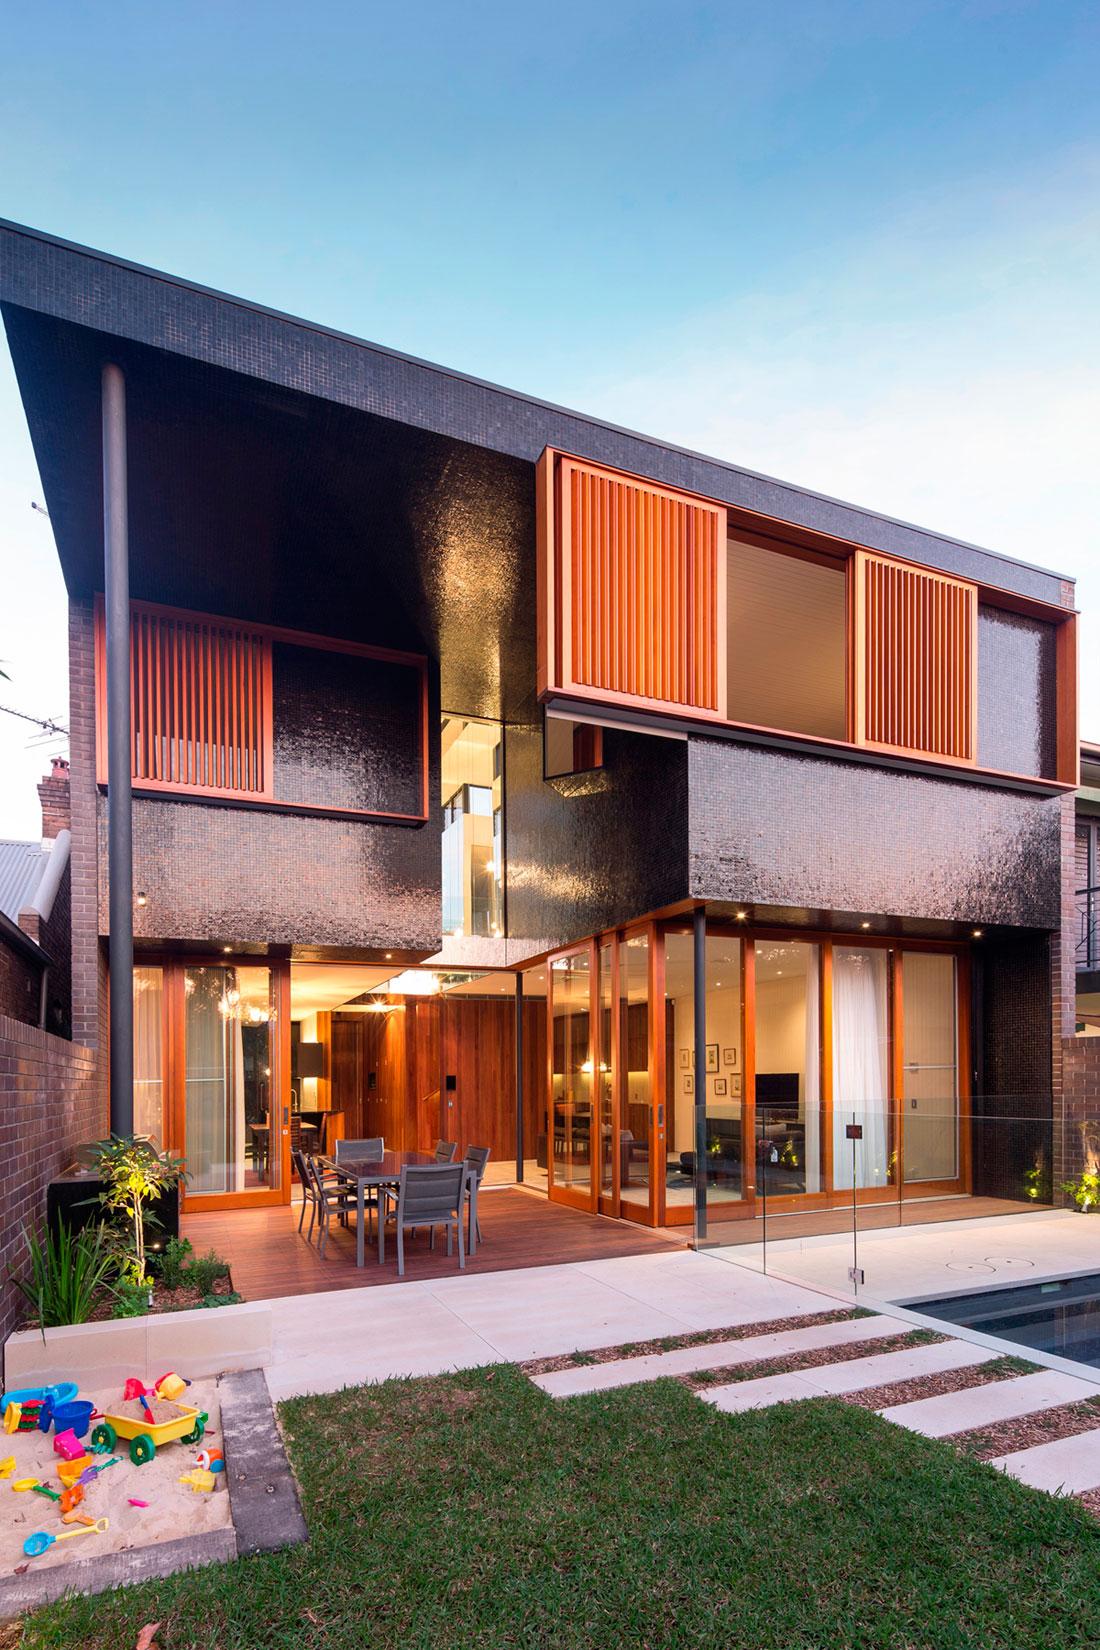 Spiegel Haus By Carterwilliamson Architects Caandesign